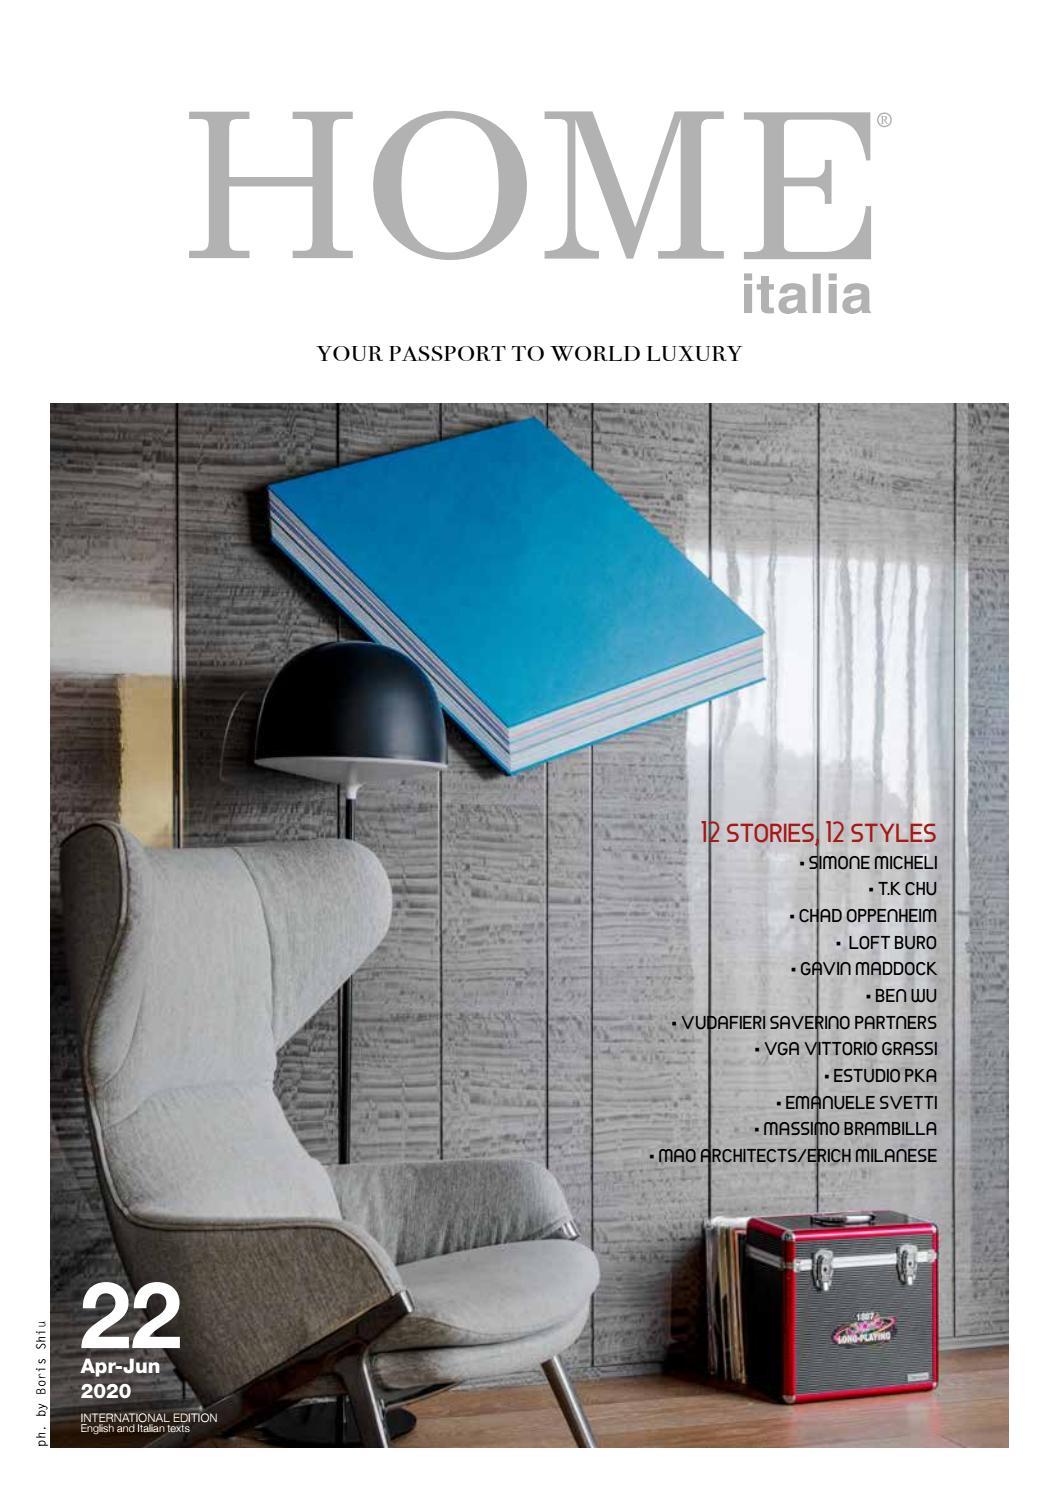 È quindi possibile memorizzarlo in spazi contenuti quando non in uso. Home Italia 22th Edition By Home Italia Srl Issuu